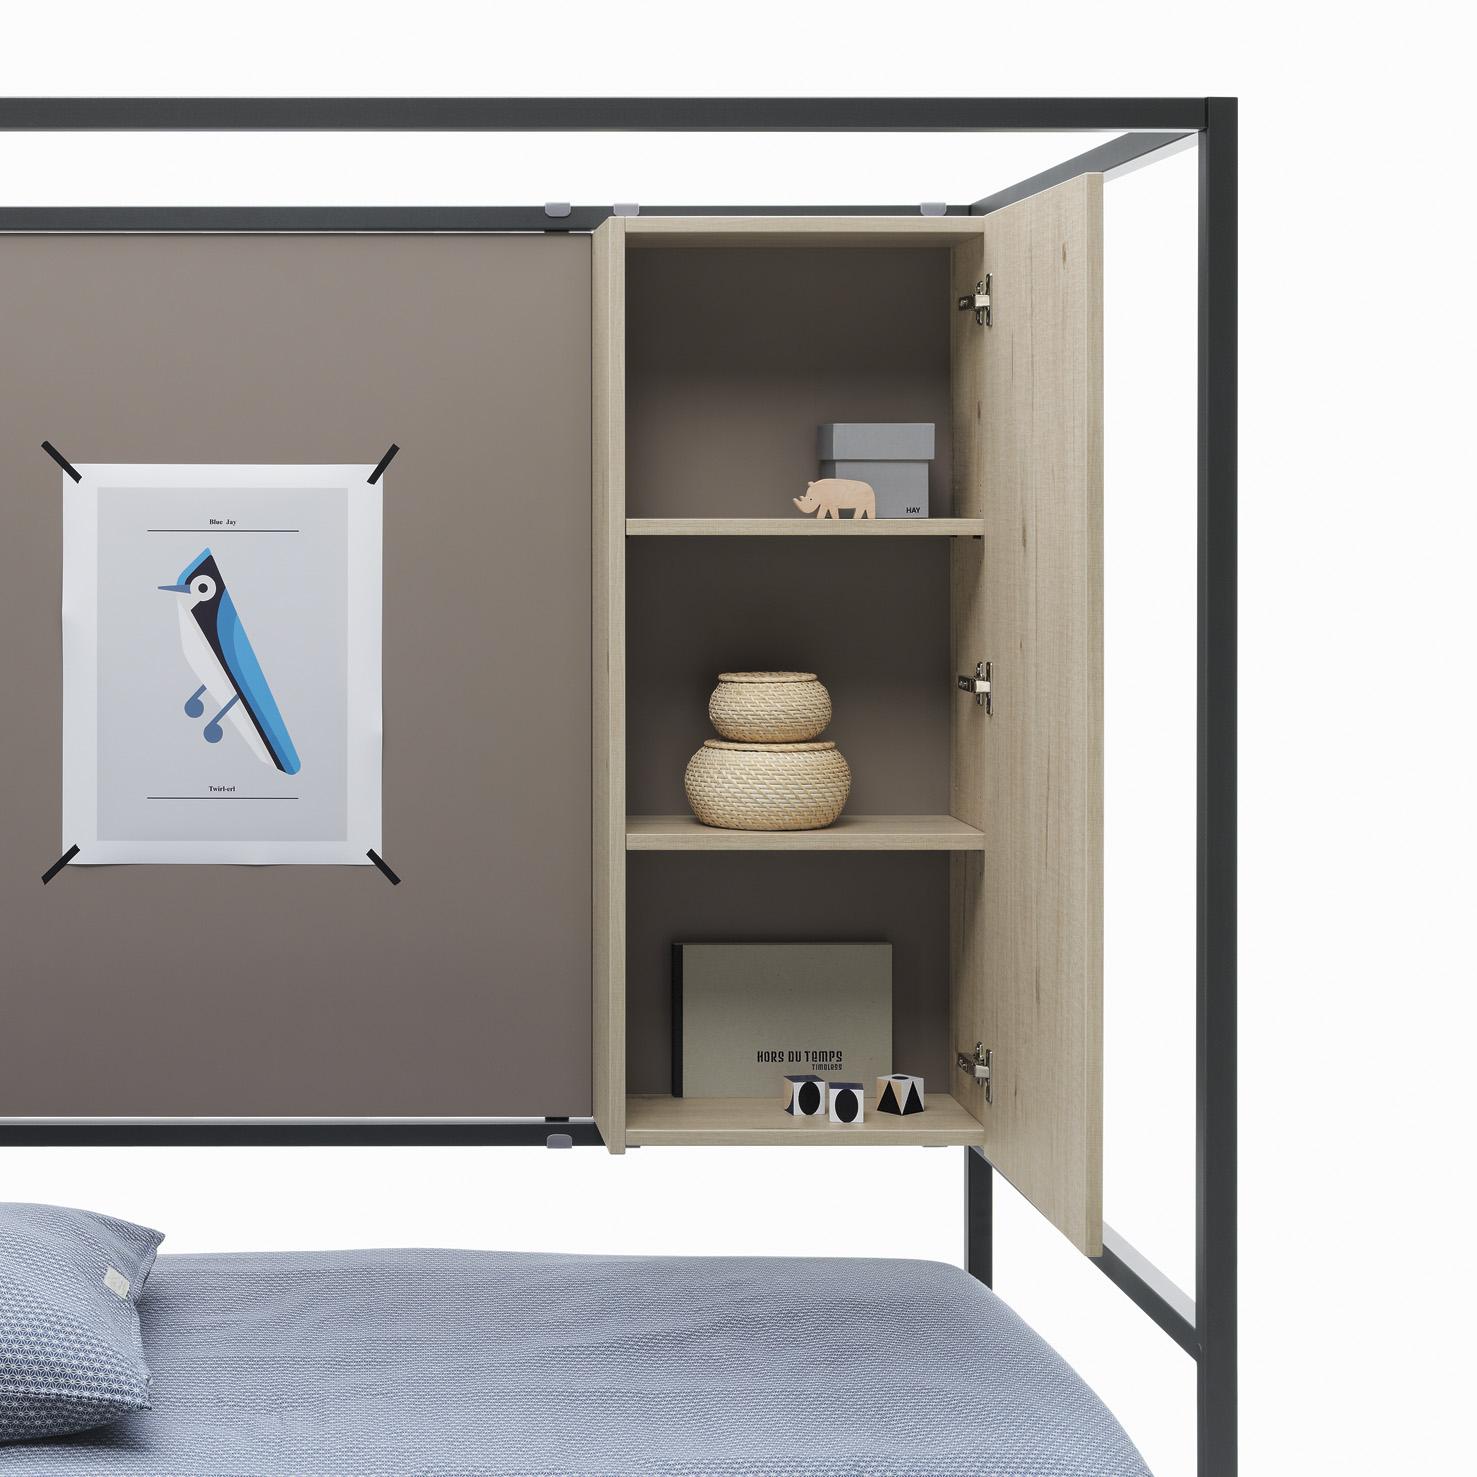 Modulo contenedor vertical en cama nook